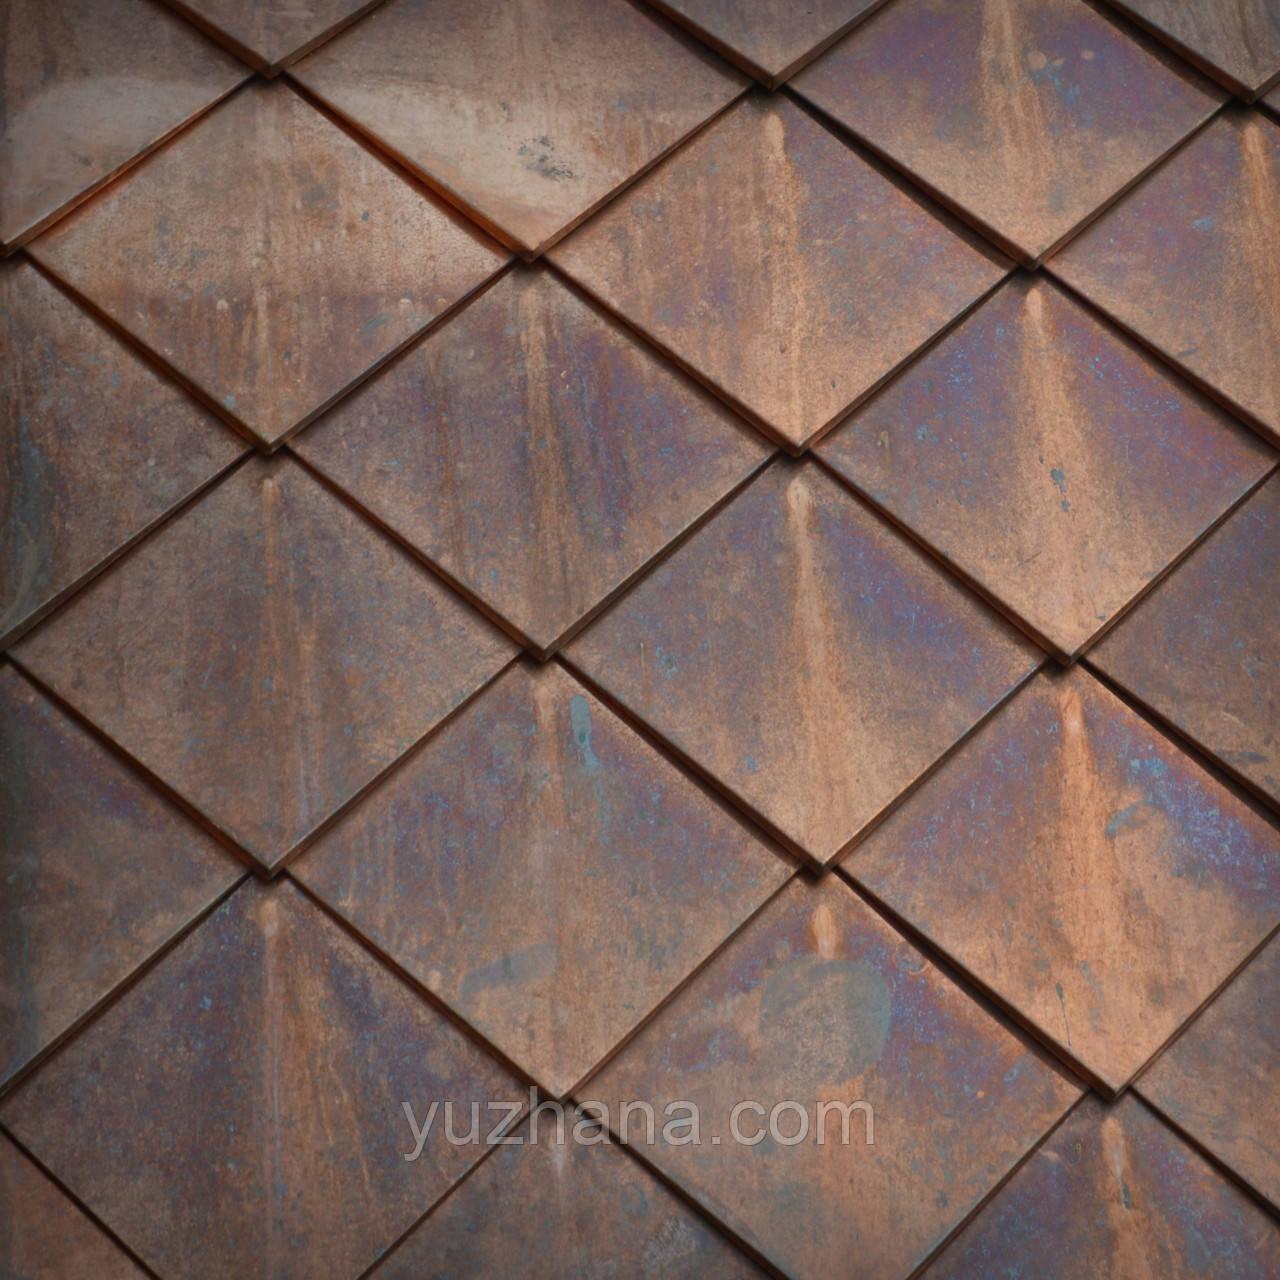 Объёмная шашка из меди Медные ромбы Монтаж шашки медной Влаштування  даху з об'емних ромбів з міді